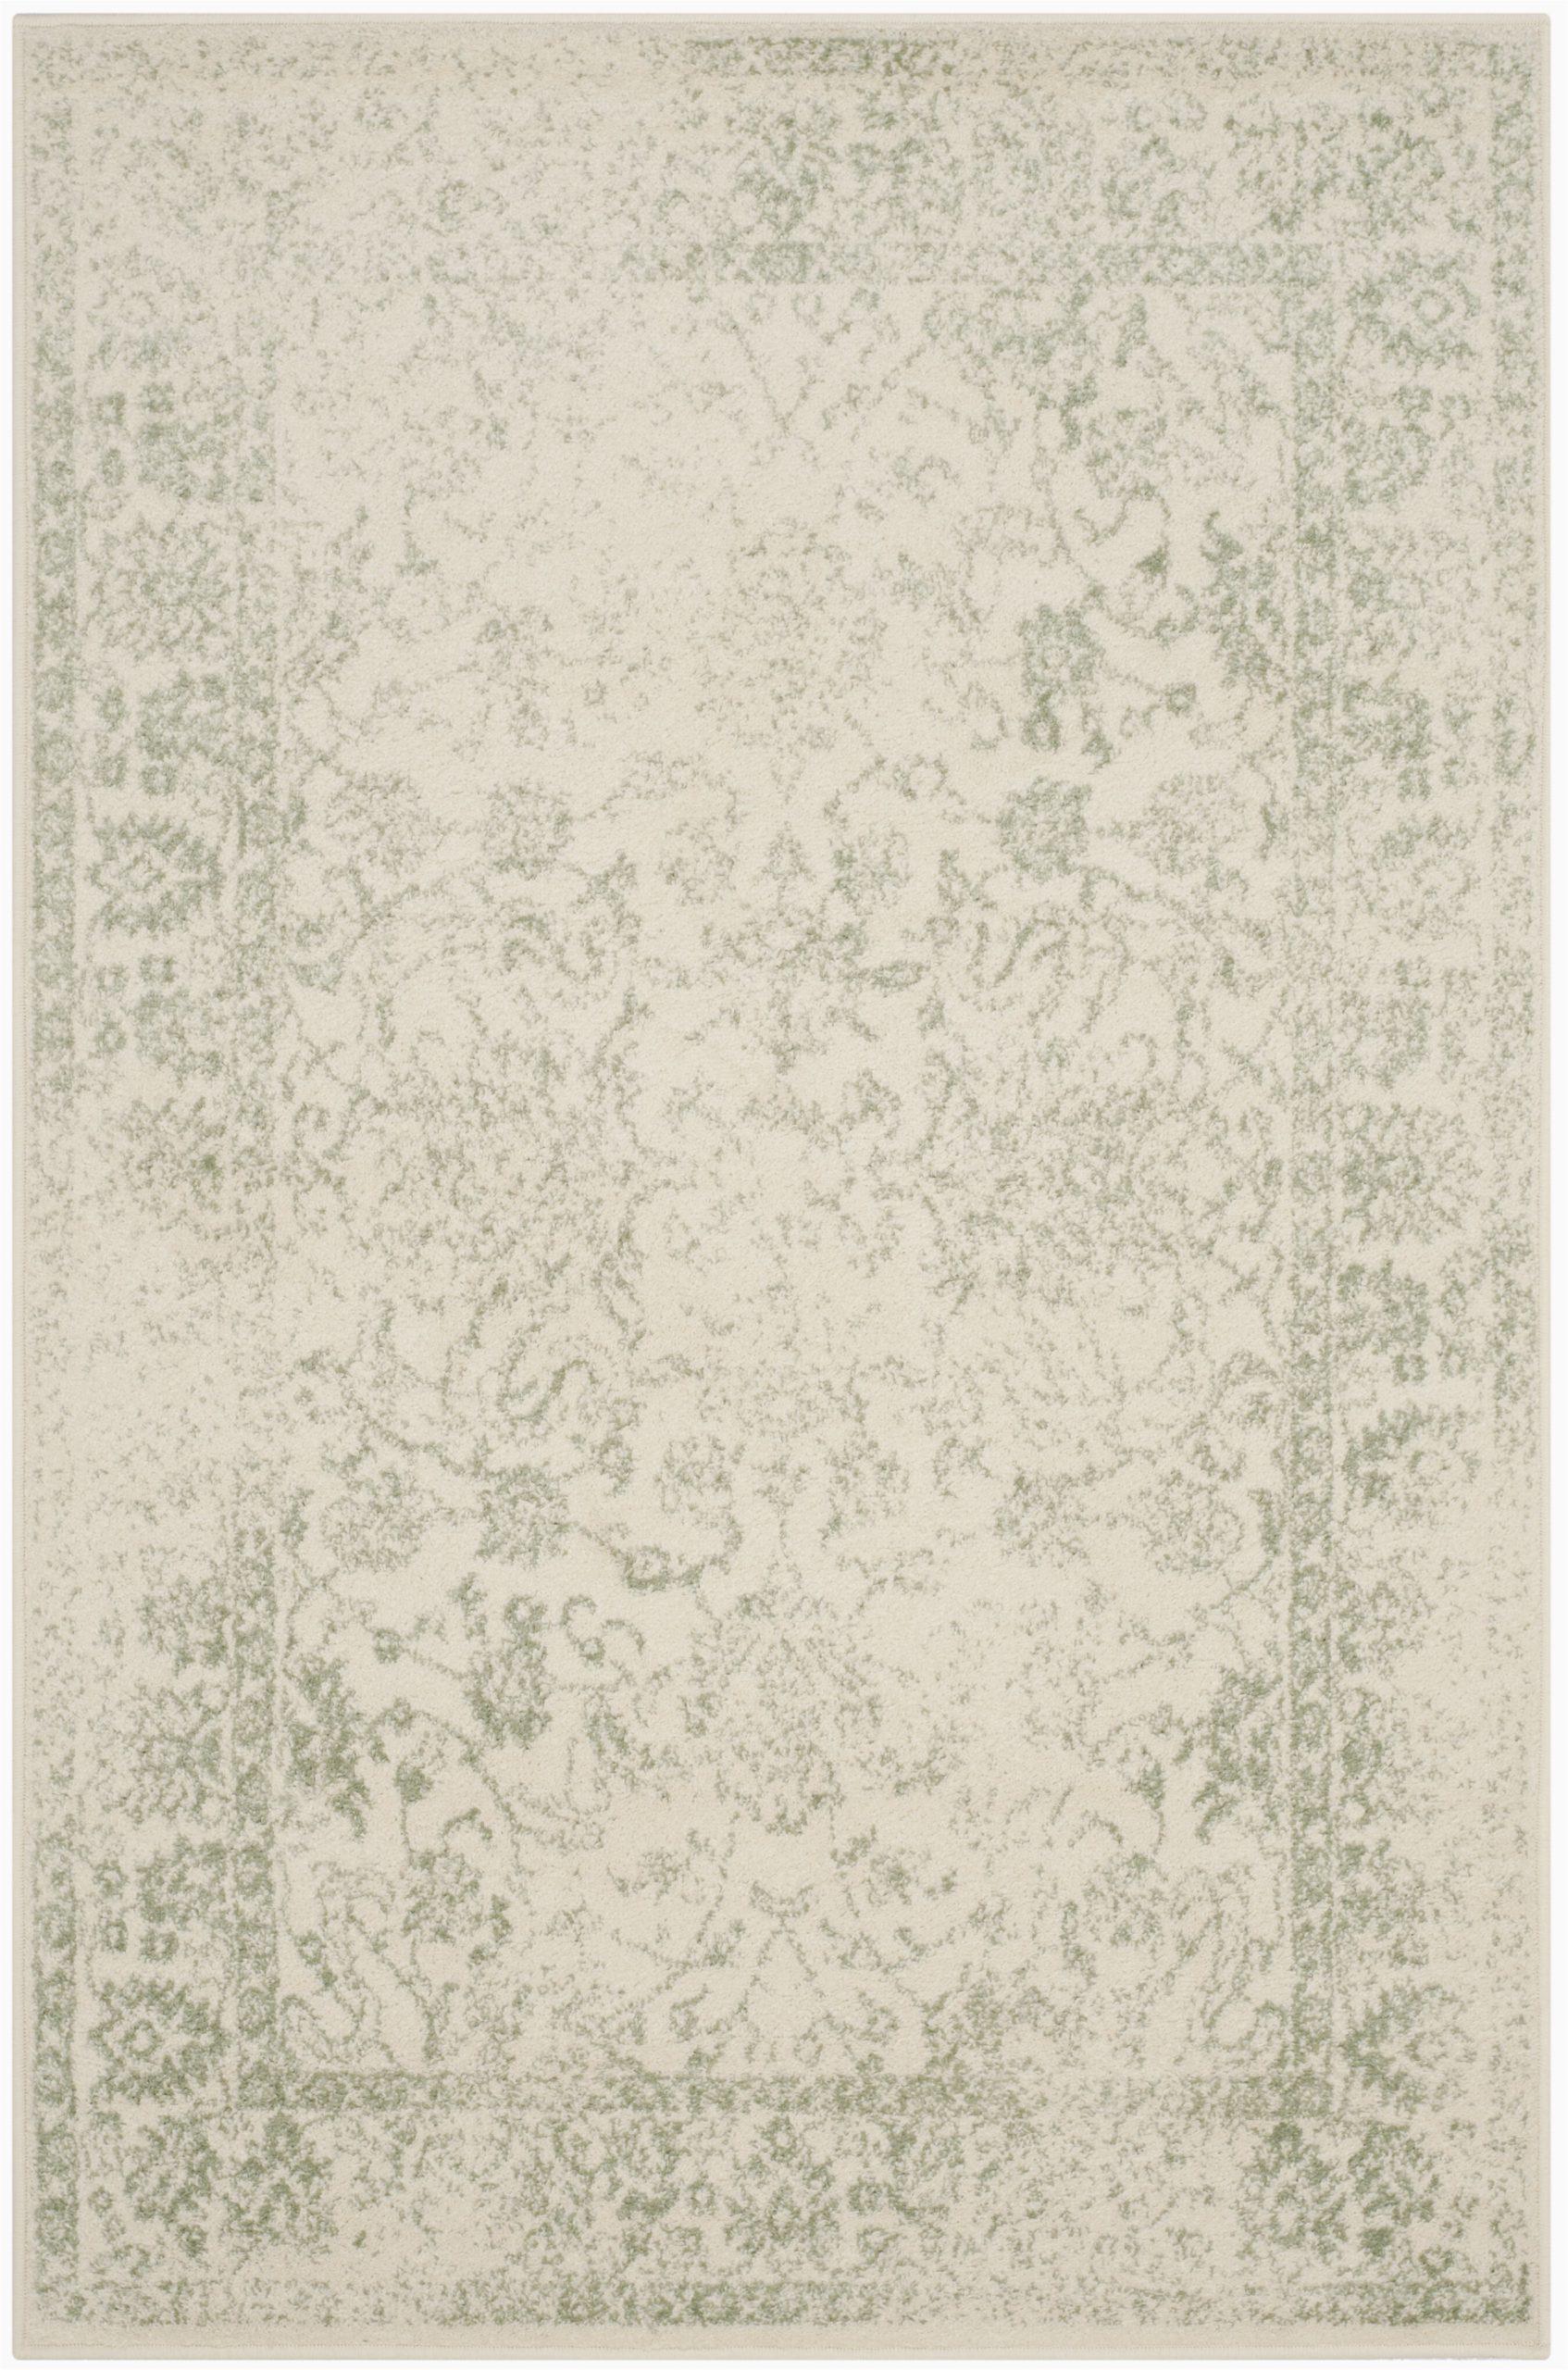 howton ivorysage area rug lfmf4451 piid=